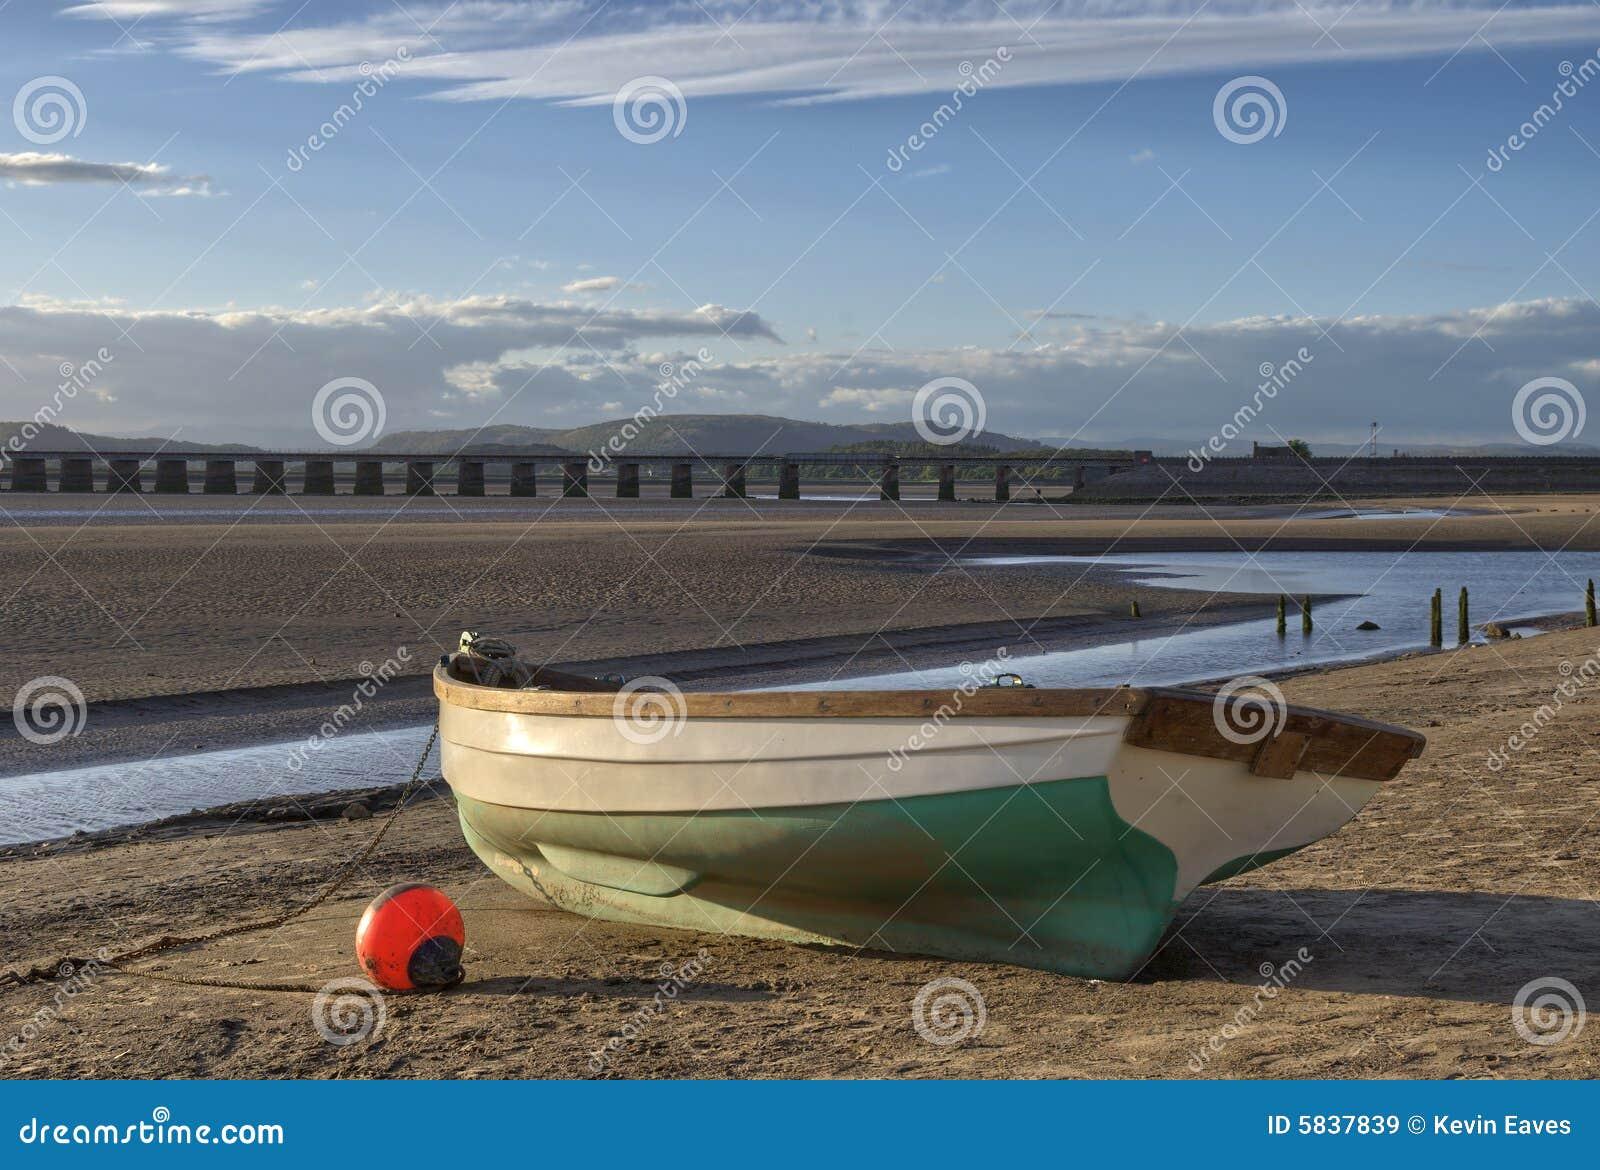 Small Lake Fishing Boat